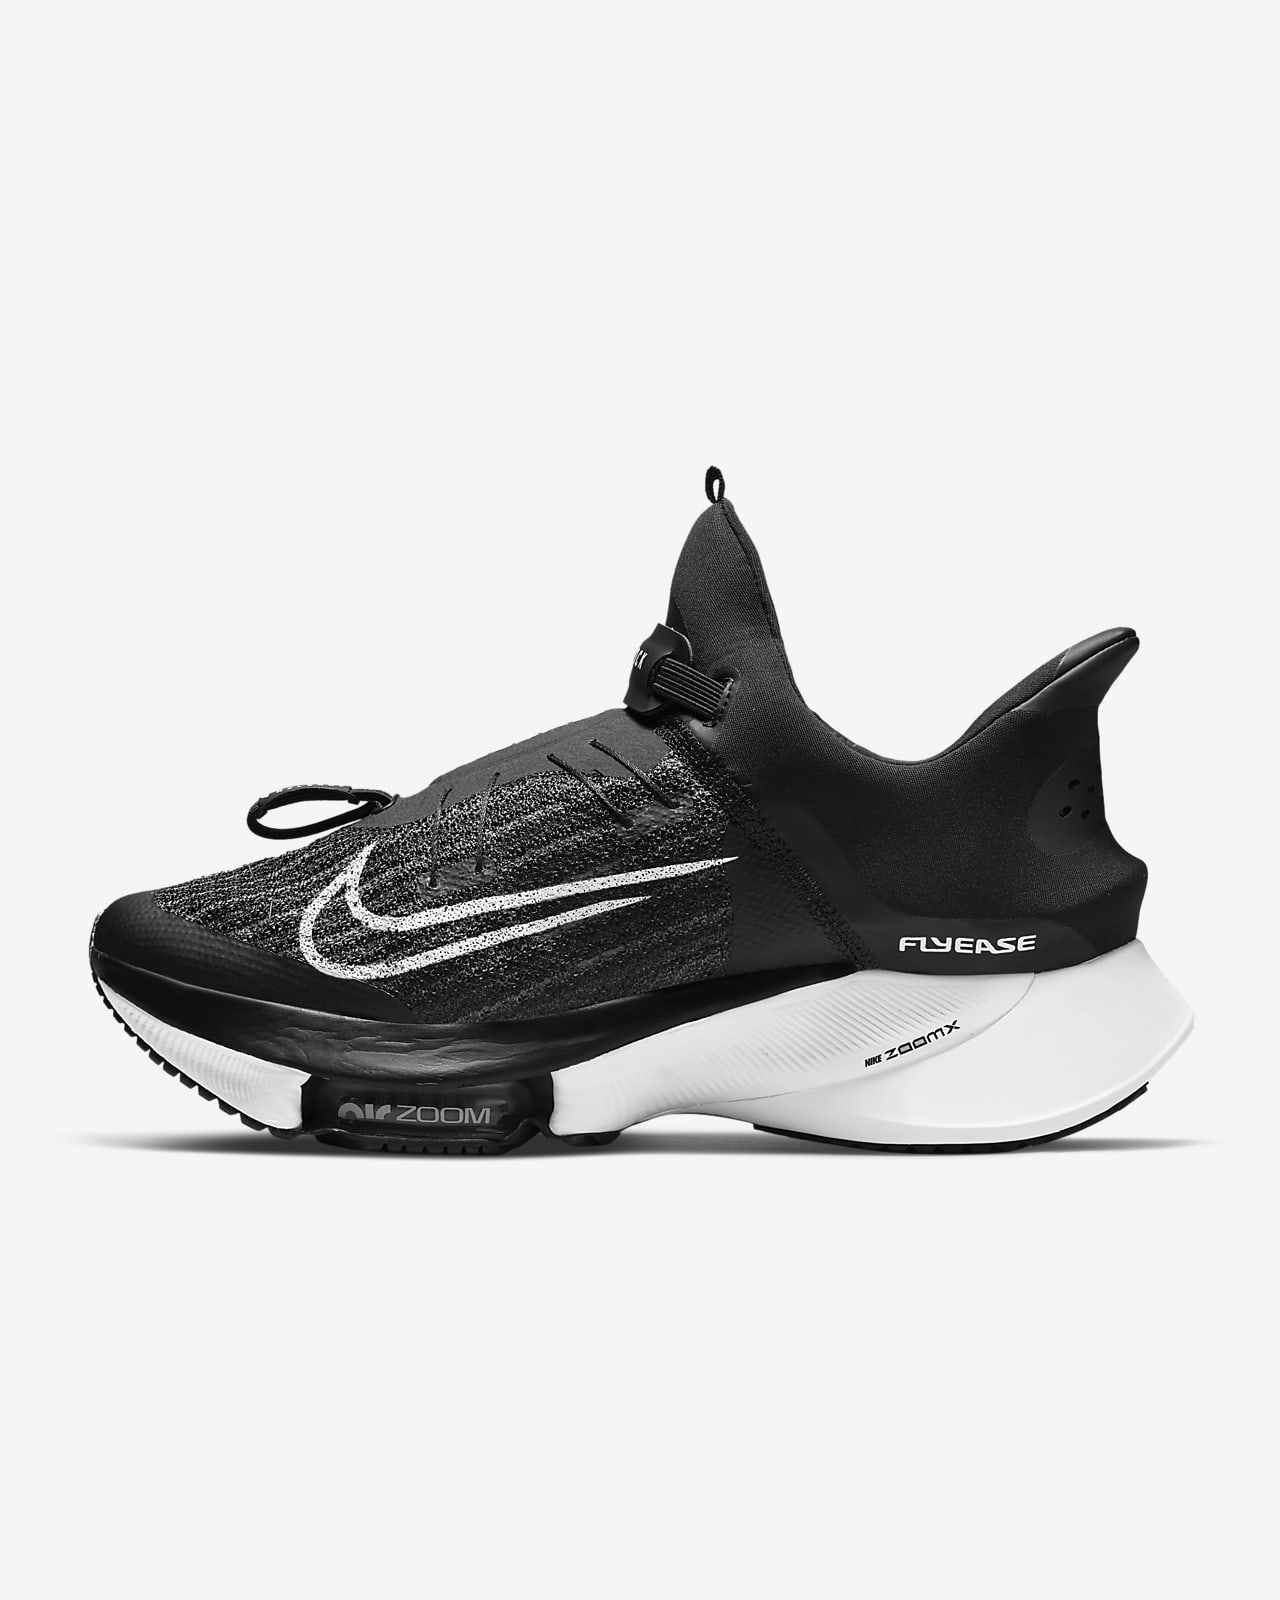 Nike Air Zoom Tempo NEXT% FlyEase Kolayca Giyilip Çıkarılabilen Erkek Yol Koşu Ayakkabısı